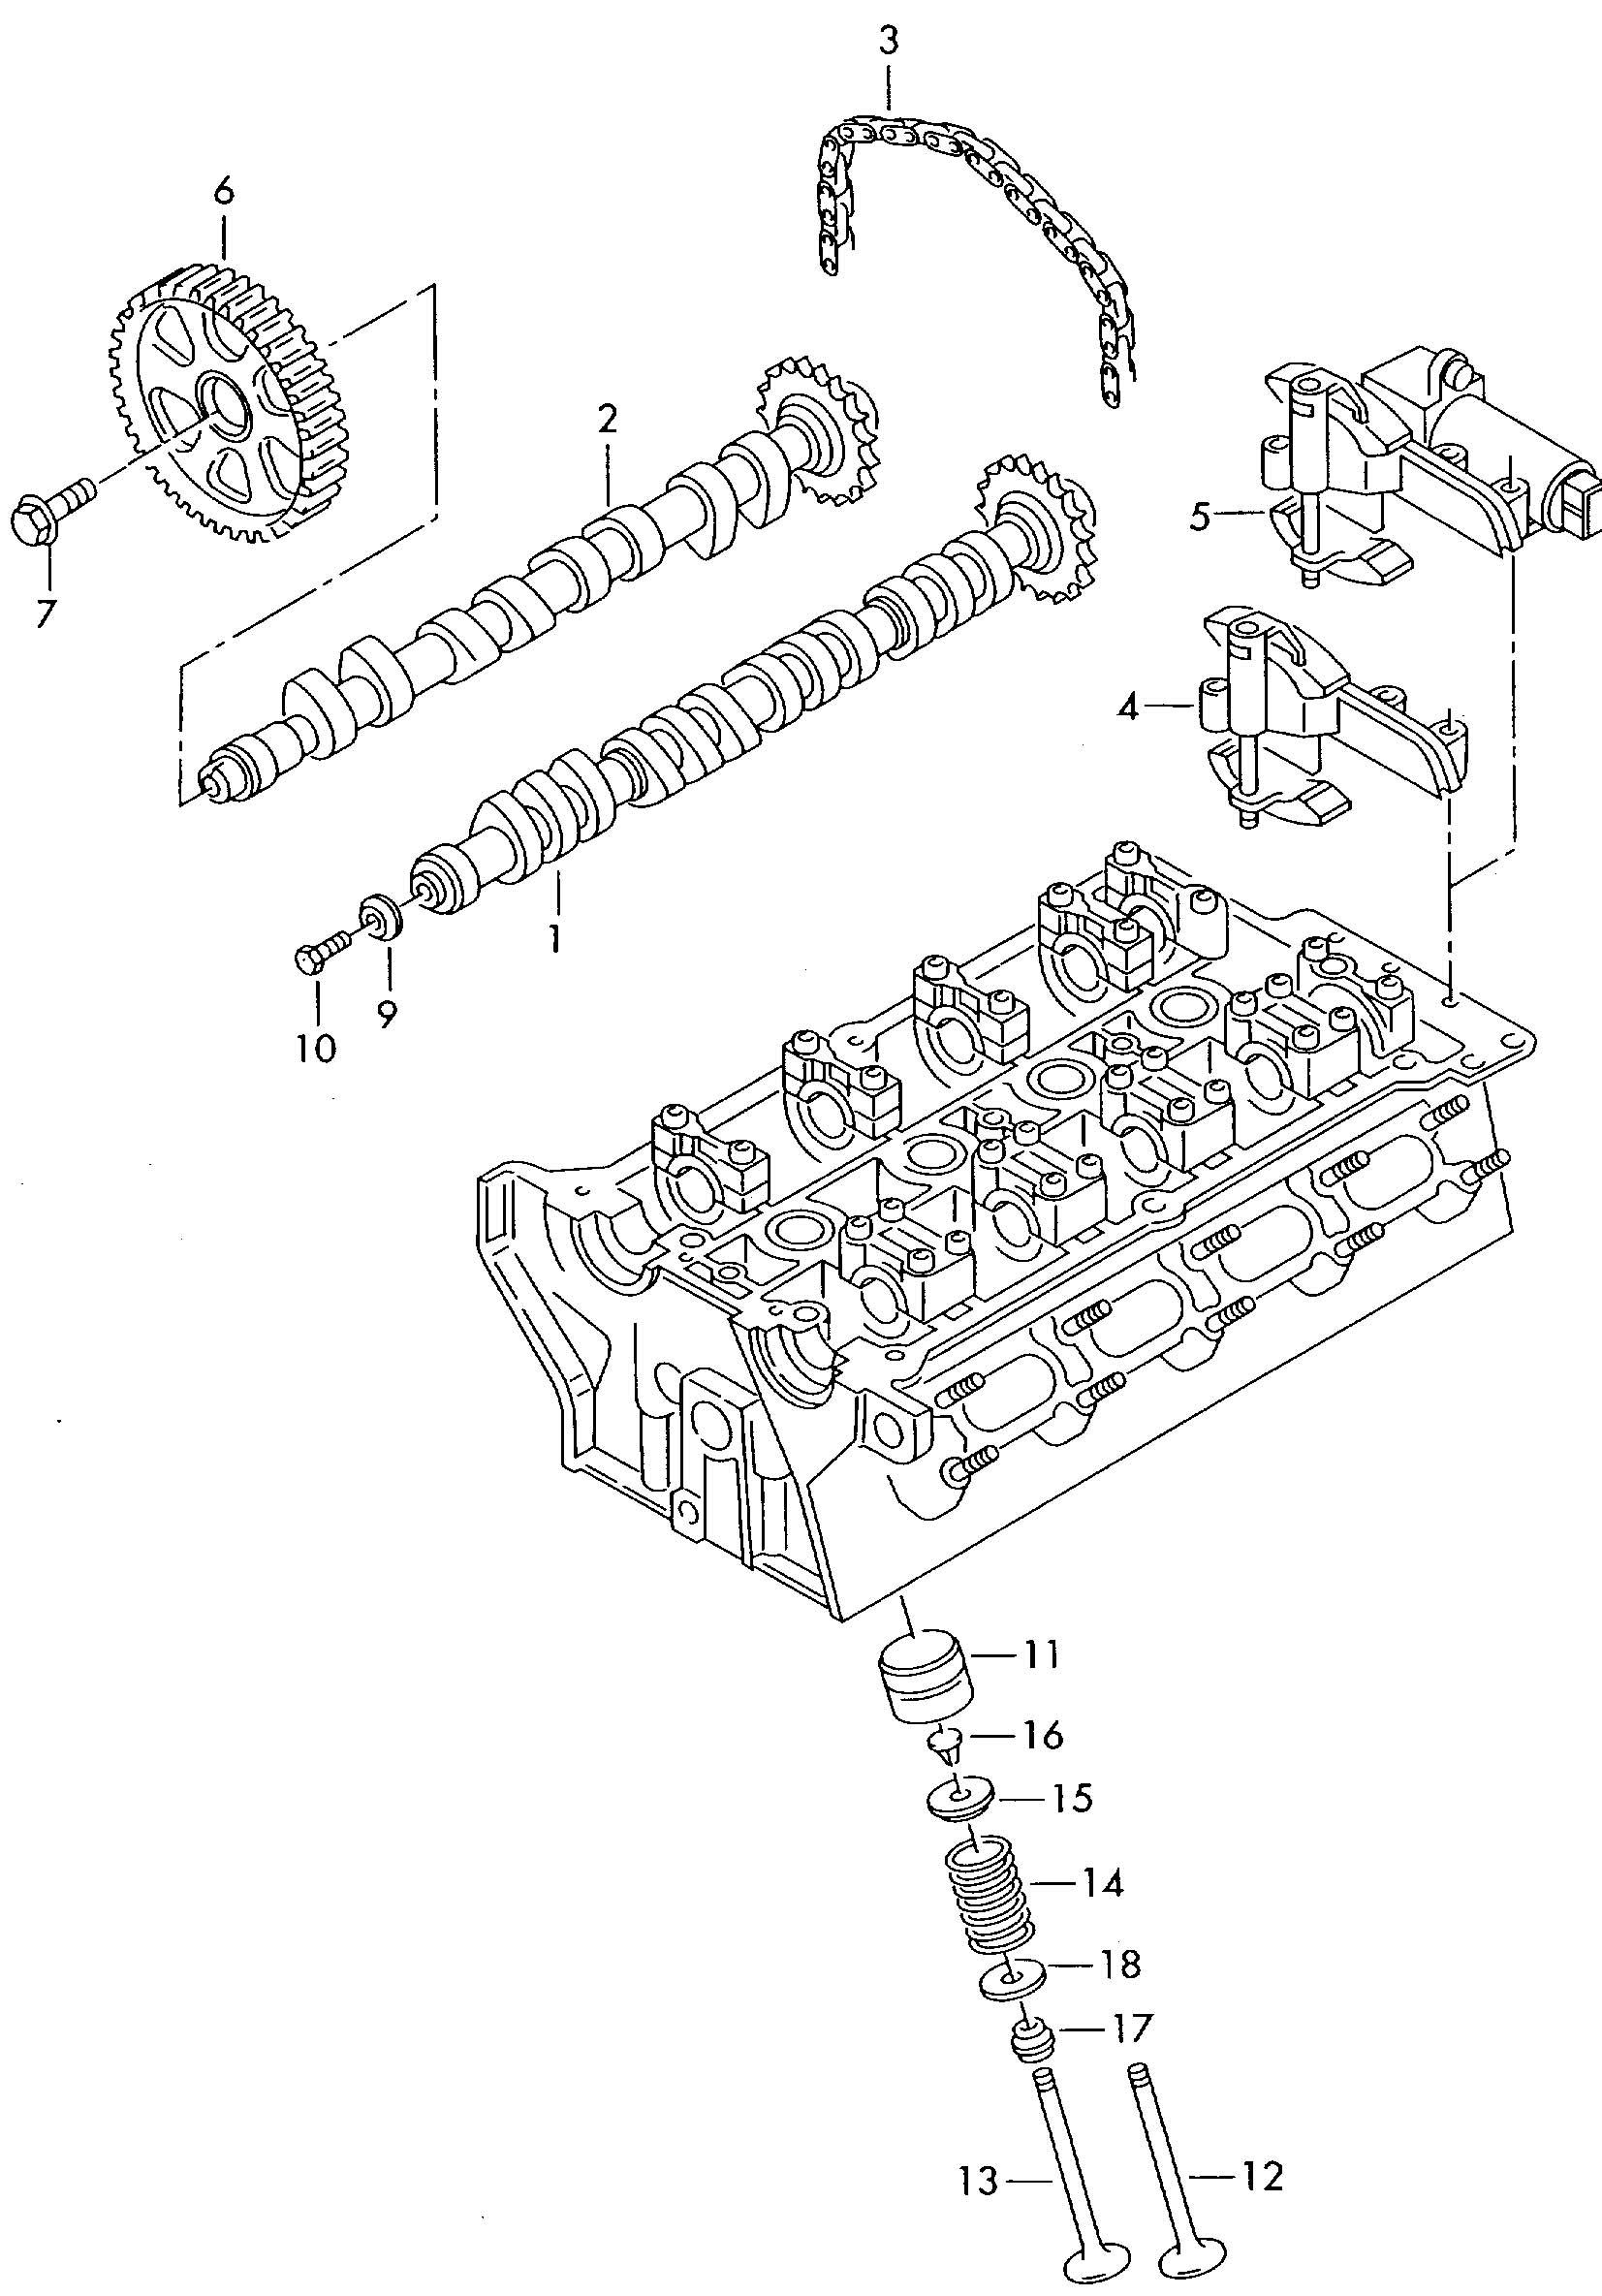 Diagram Of Volkswagen Beetle Engine